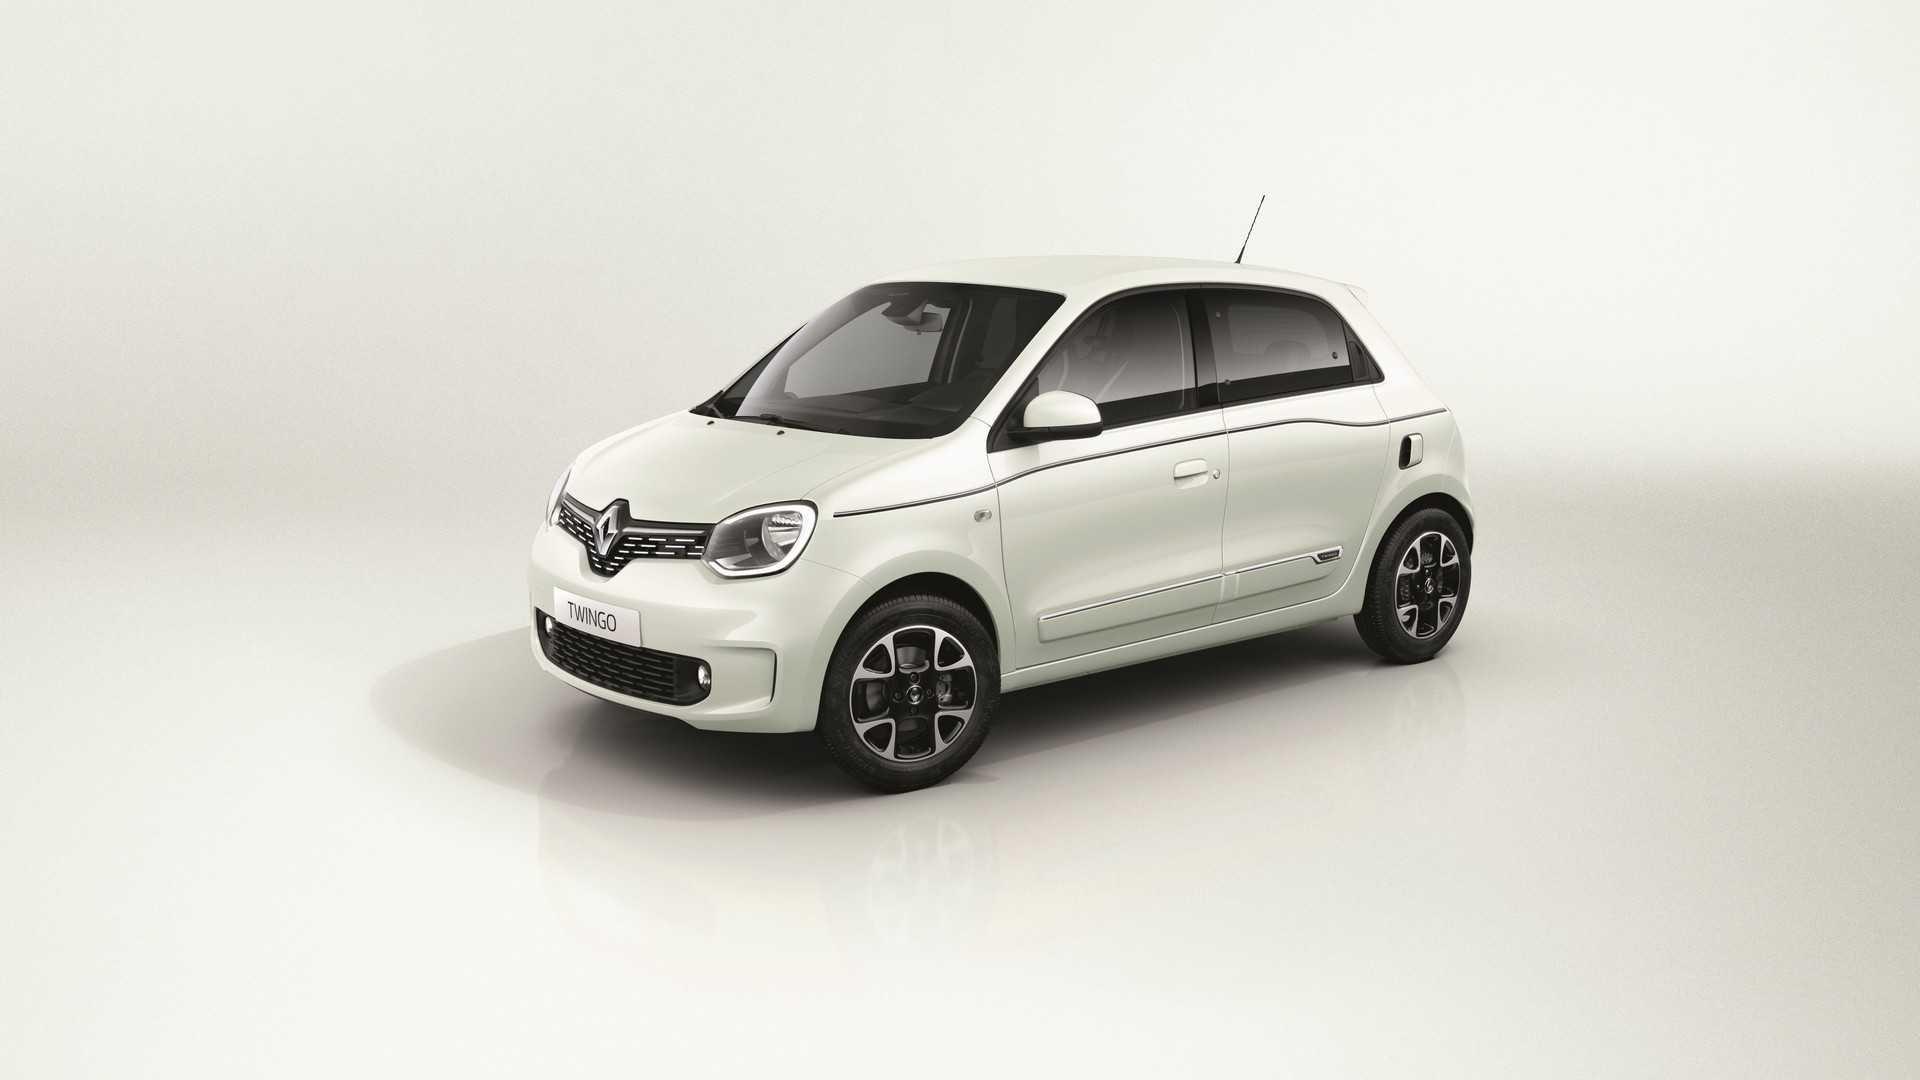 Fotografie č. 9 u článku Nový Renault Twingo odhalen